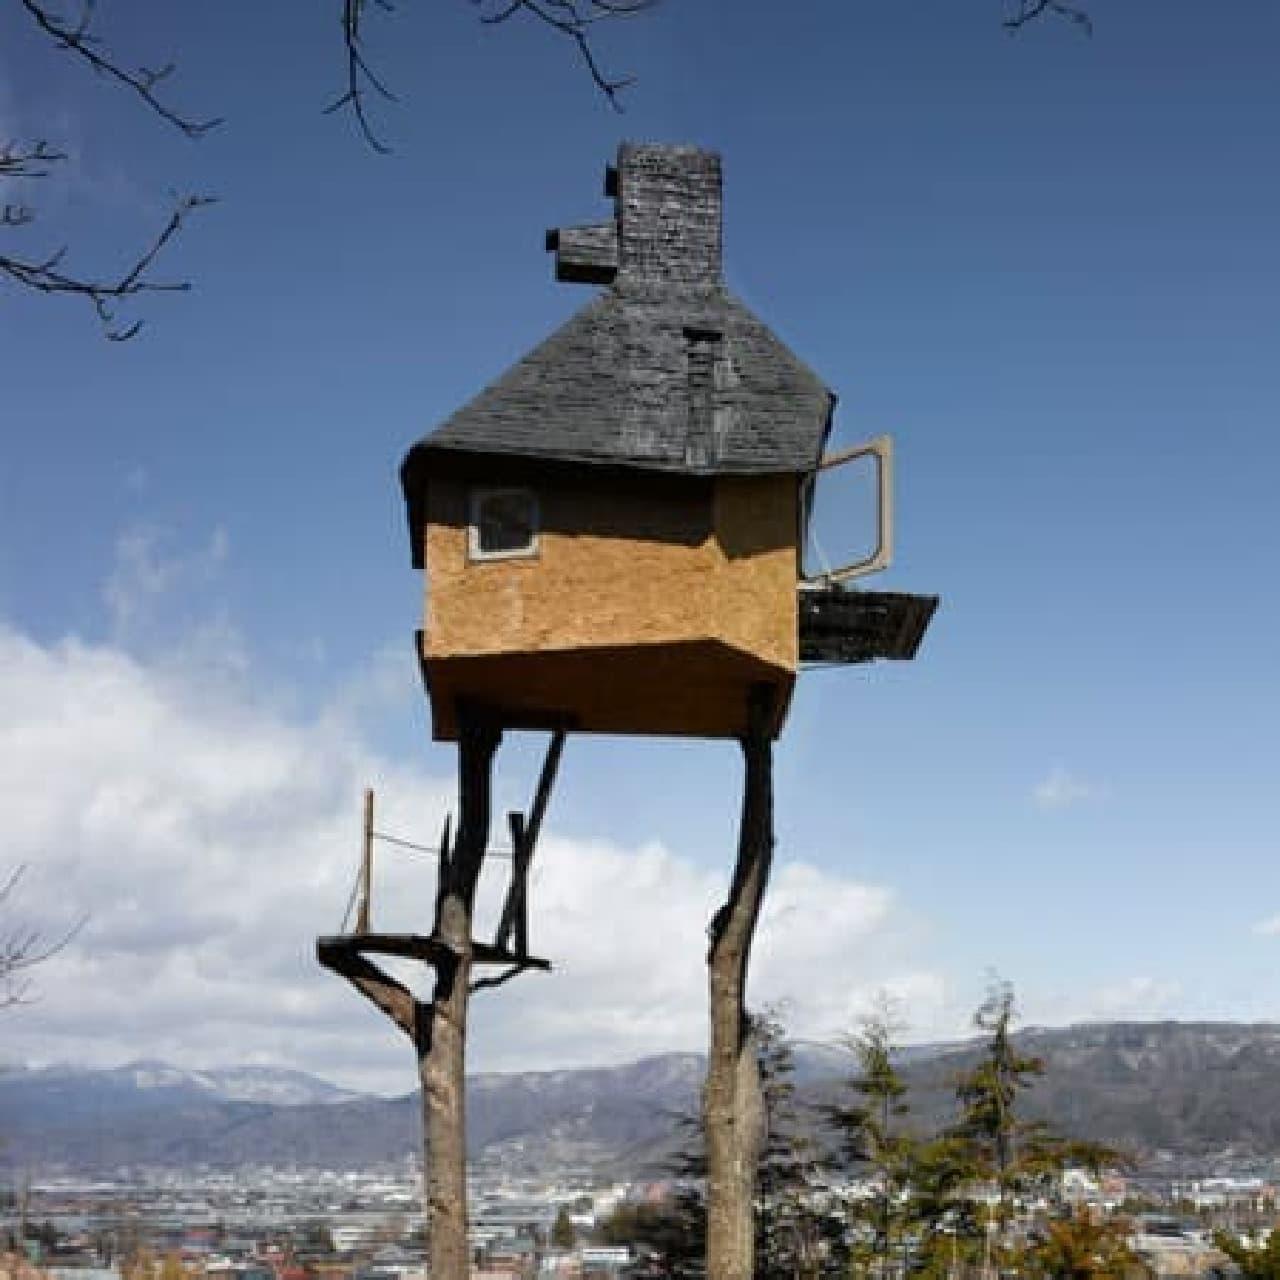 世界一危険な茶室「高過庵」  鬼太郎が住んでそう?